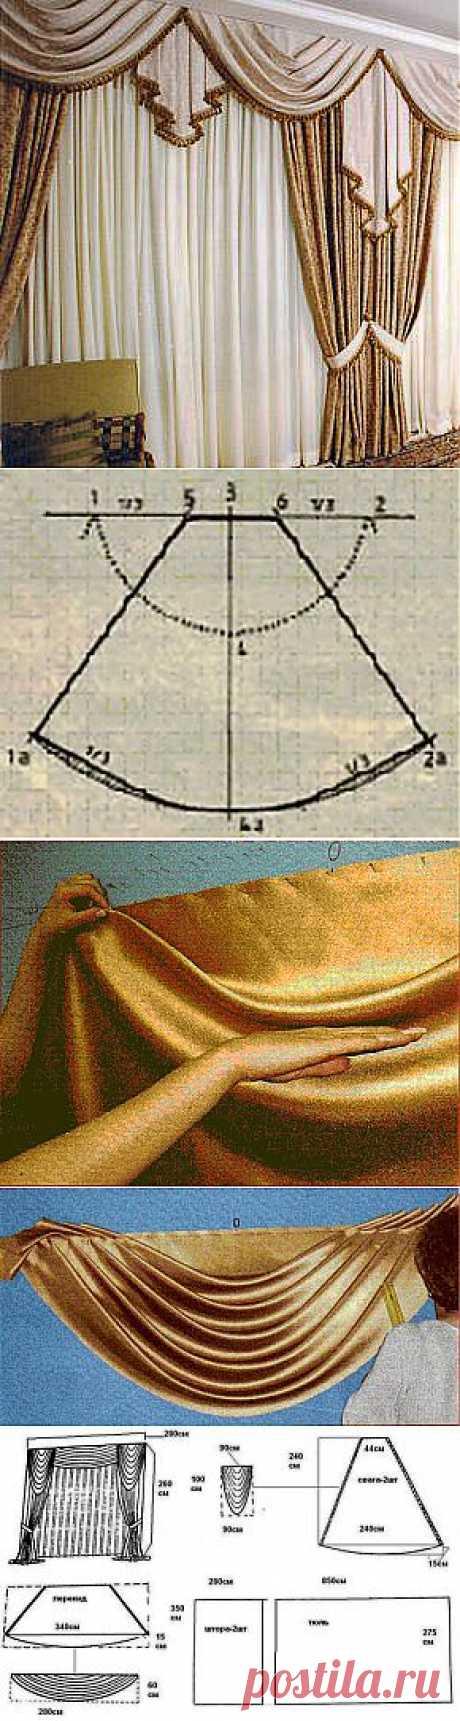 Как выкроить и сшить ламбрекен, ламбрекен своими руками » Умелые ручки » Советы » Советолог